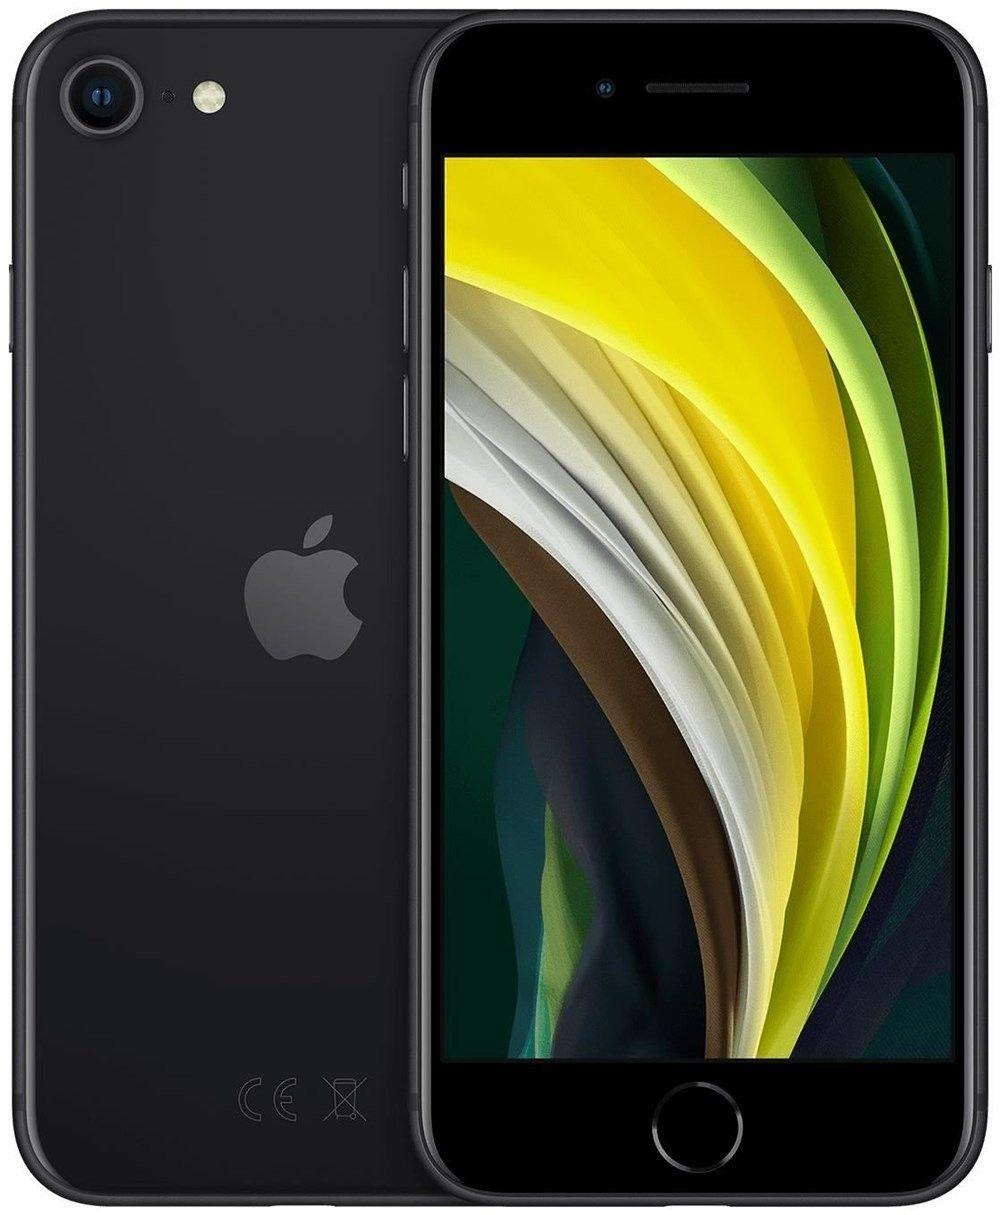 Apple iPhone SE 64GB im Telekom Congstar (8GB LTE, Allnet/SMS, VoLTE und VoWiFi) mtl. 20€ einm. 39,95€